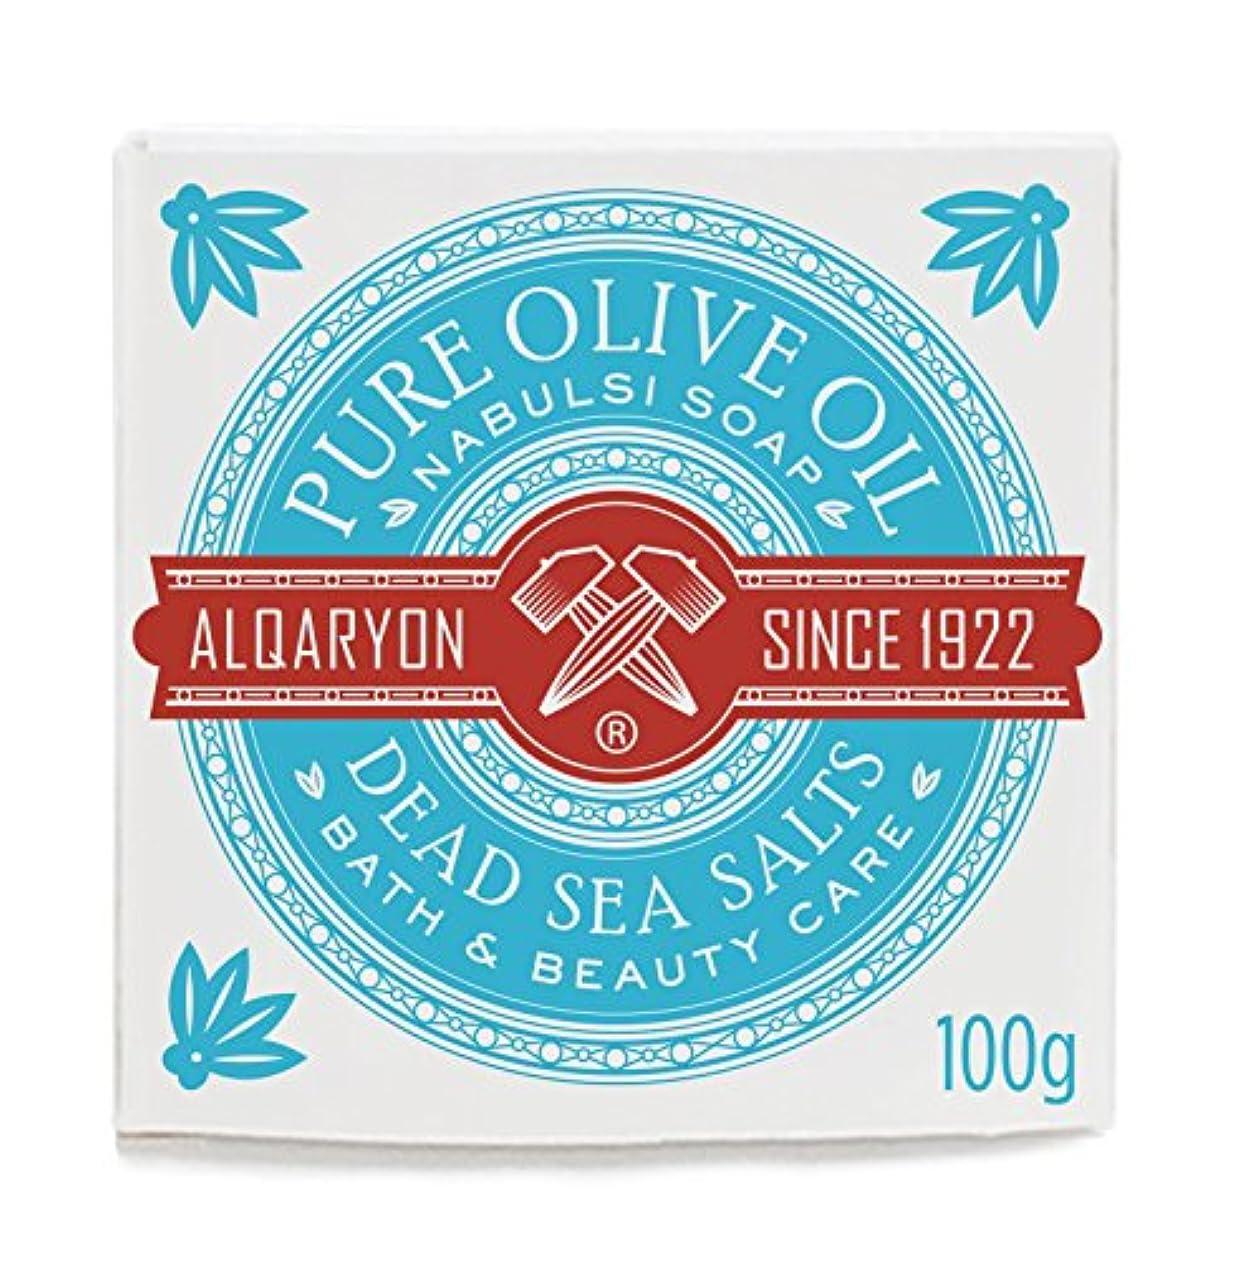 モッキンバードロマンス労働者Alqaryon Dead Sea Salts & Olive Oil Bar Soap, Pack of 4 Bars 100g- Alqaryonの死海で取れる塩&オリーブオイル ソープ、バス & ビューティー ケア...